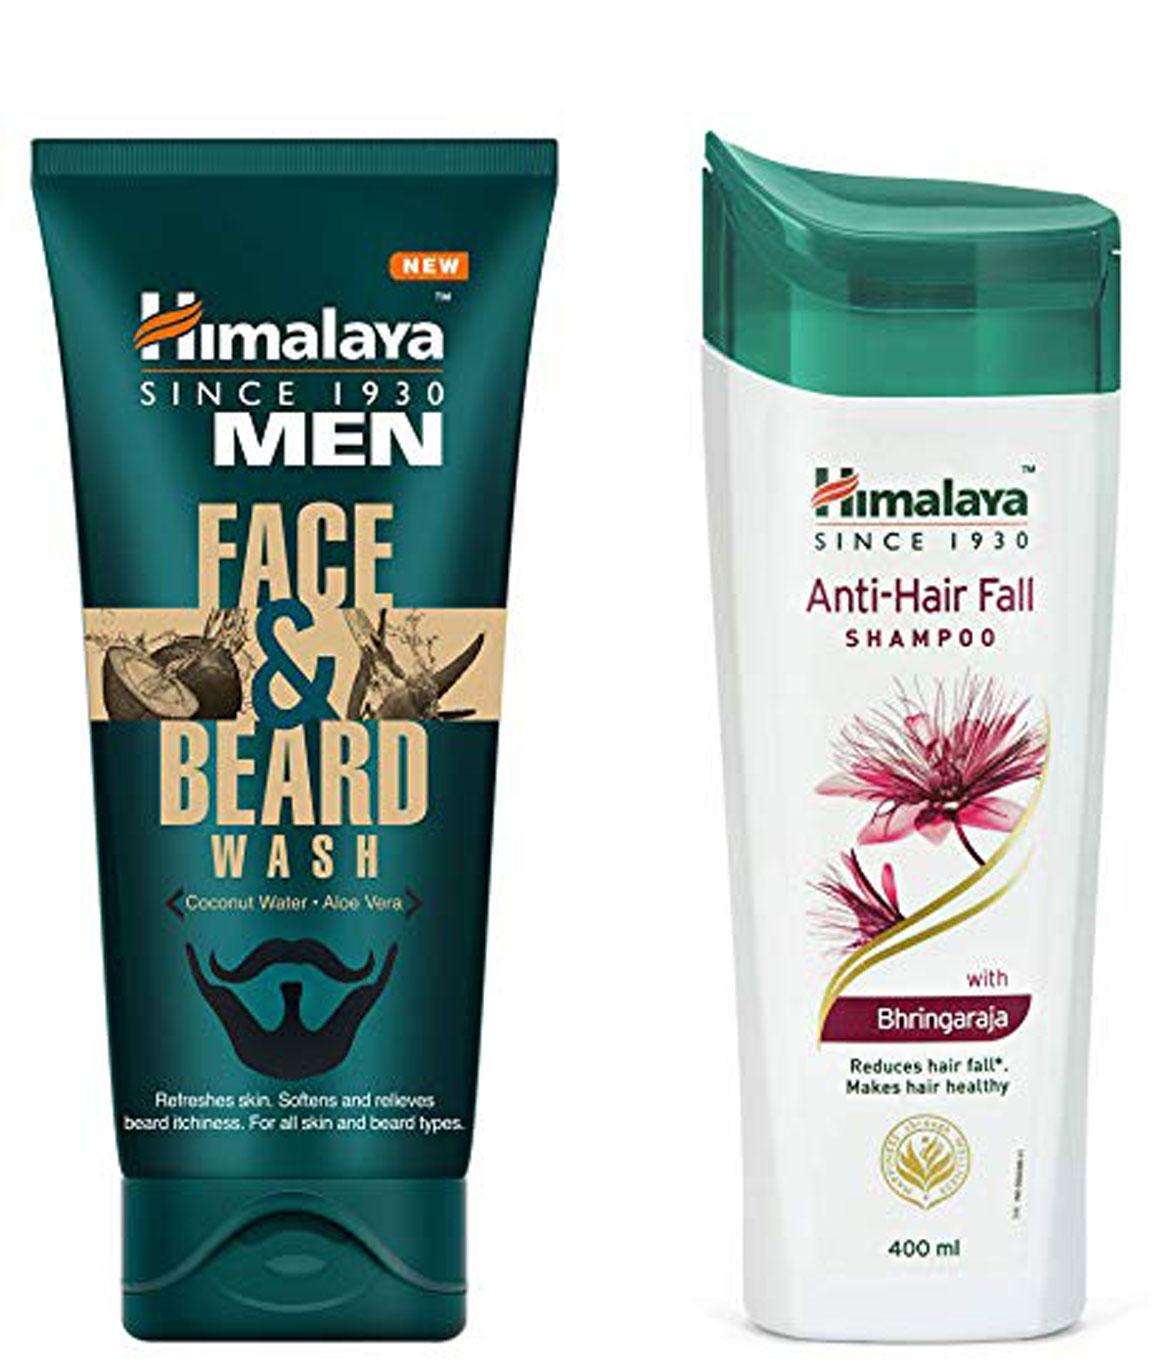 Himalaya Men Face And Beard Wash 80ml and Himalaya Herbals Anti Hair Fall Shampoo 400ml